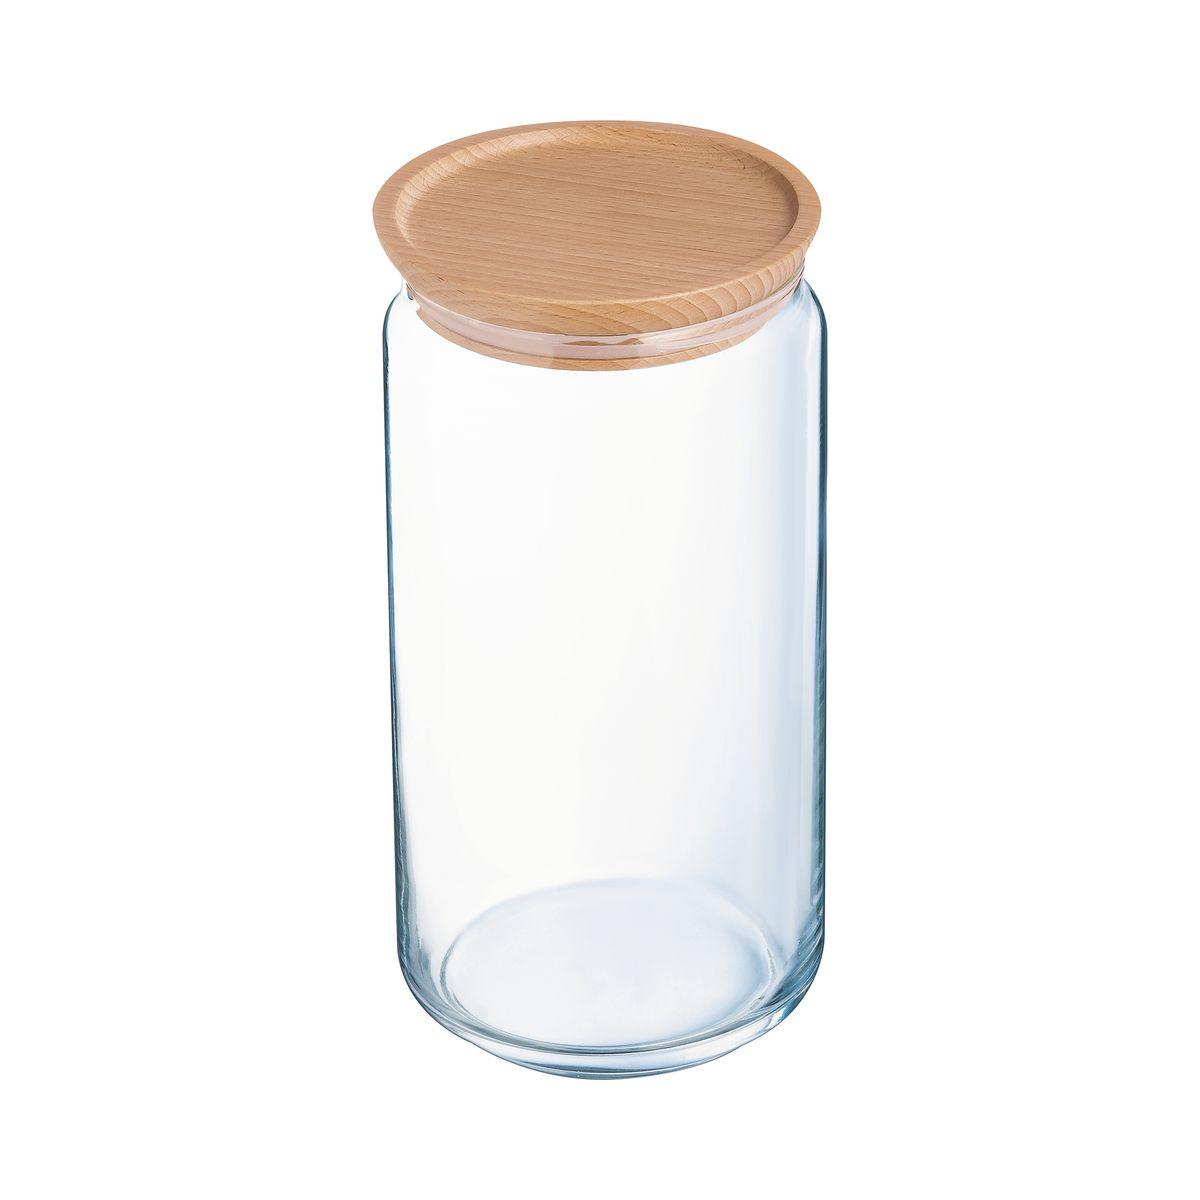 Boîte de conservation en verre avec couvercle en bois Box Mania 1.5L - Luminarc